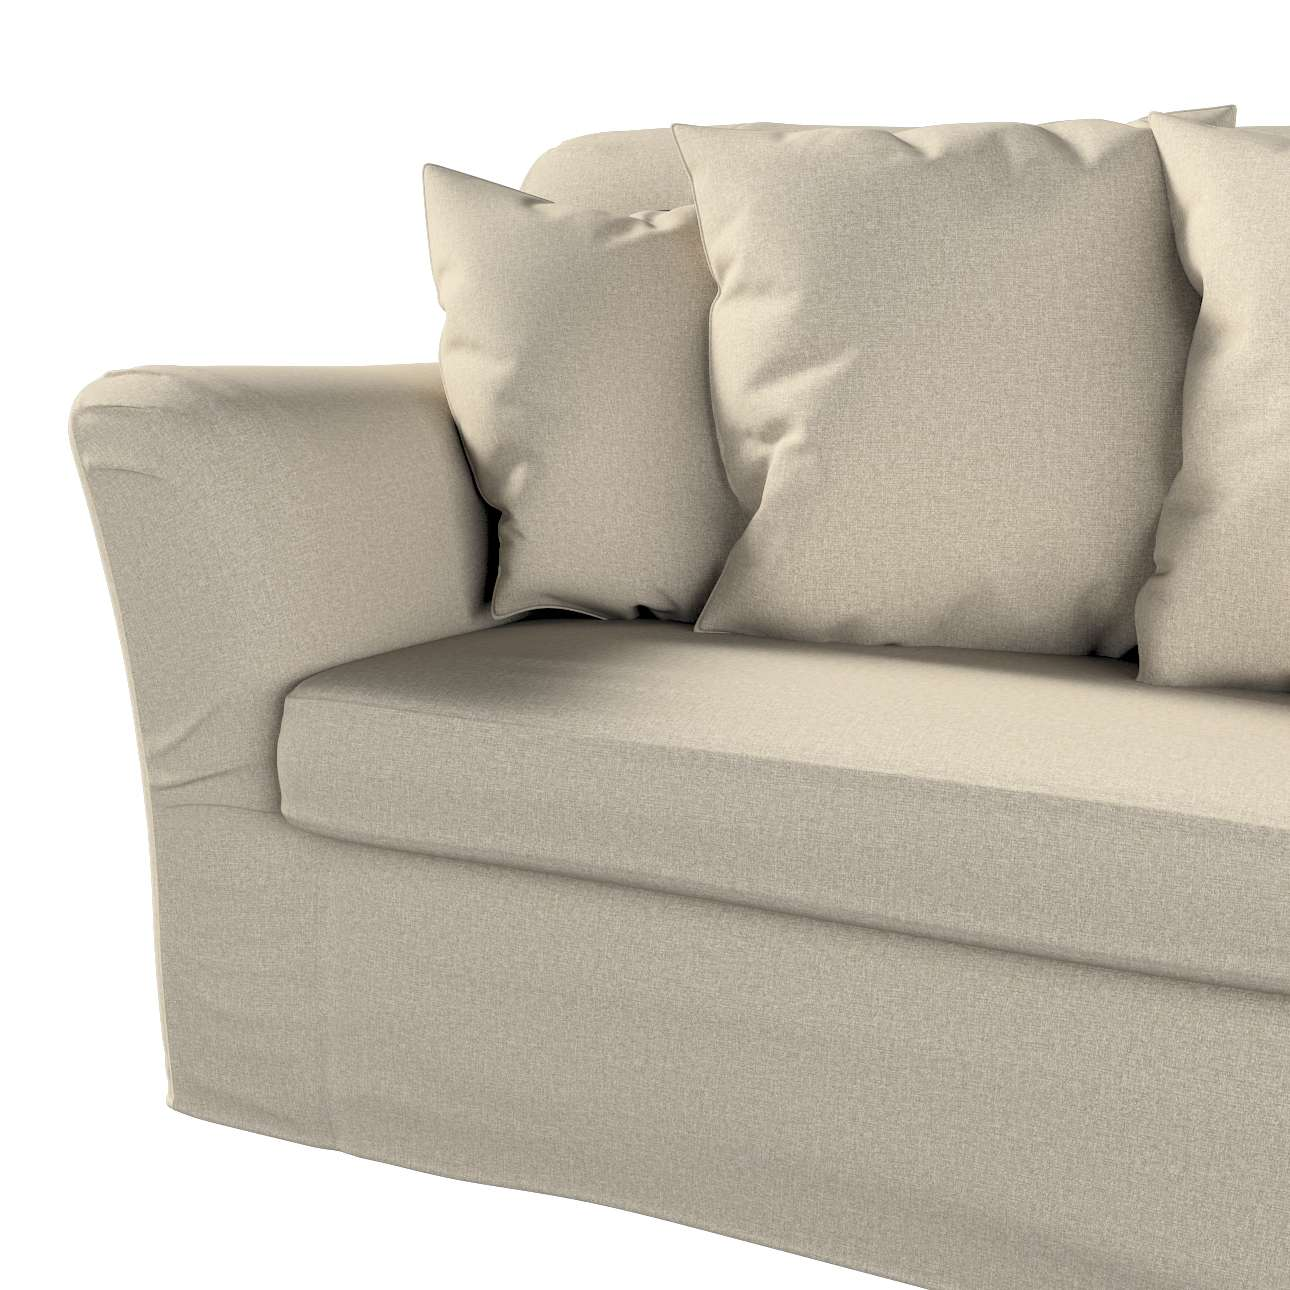 Pokrowiec na sofę Tomelilla 3-osobową rozkładaną w kolekcji Amsterdam, tkanina: 704-52